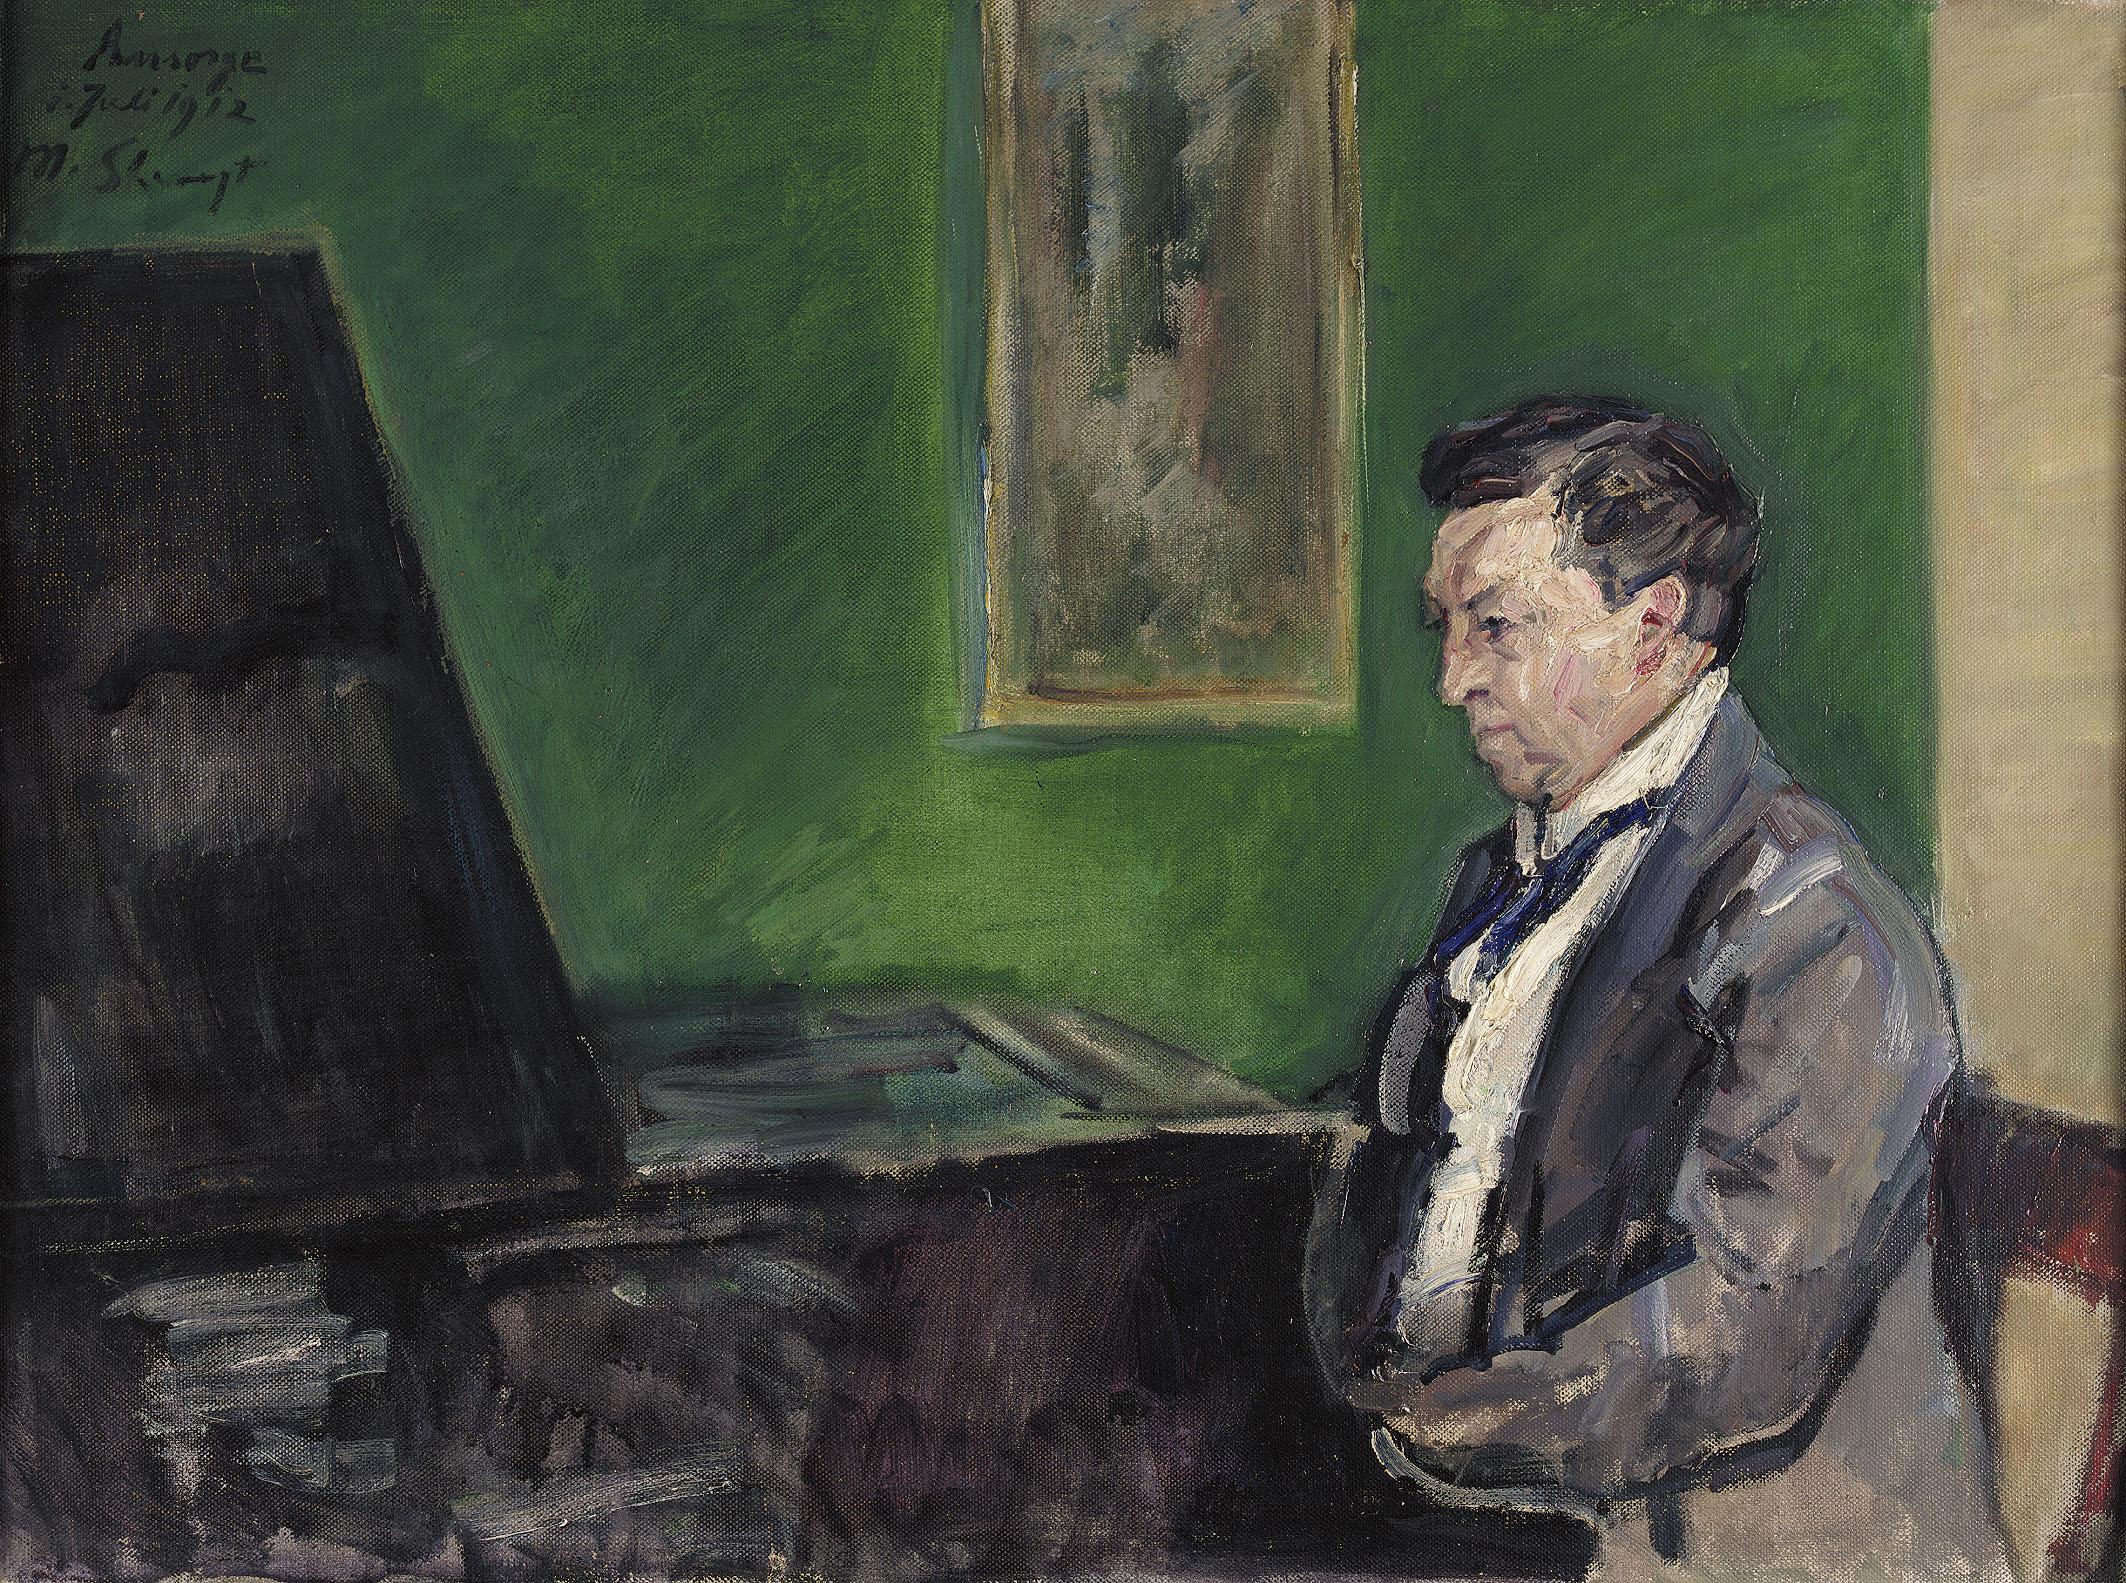 Max_Slevogt_Conrad_Ansorge_1912